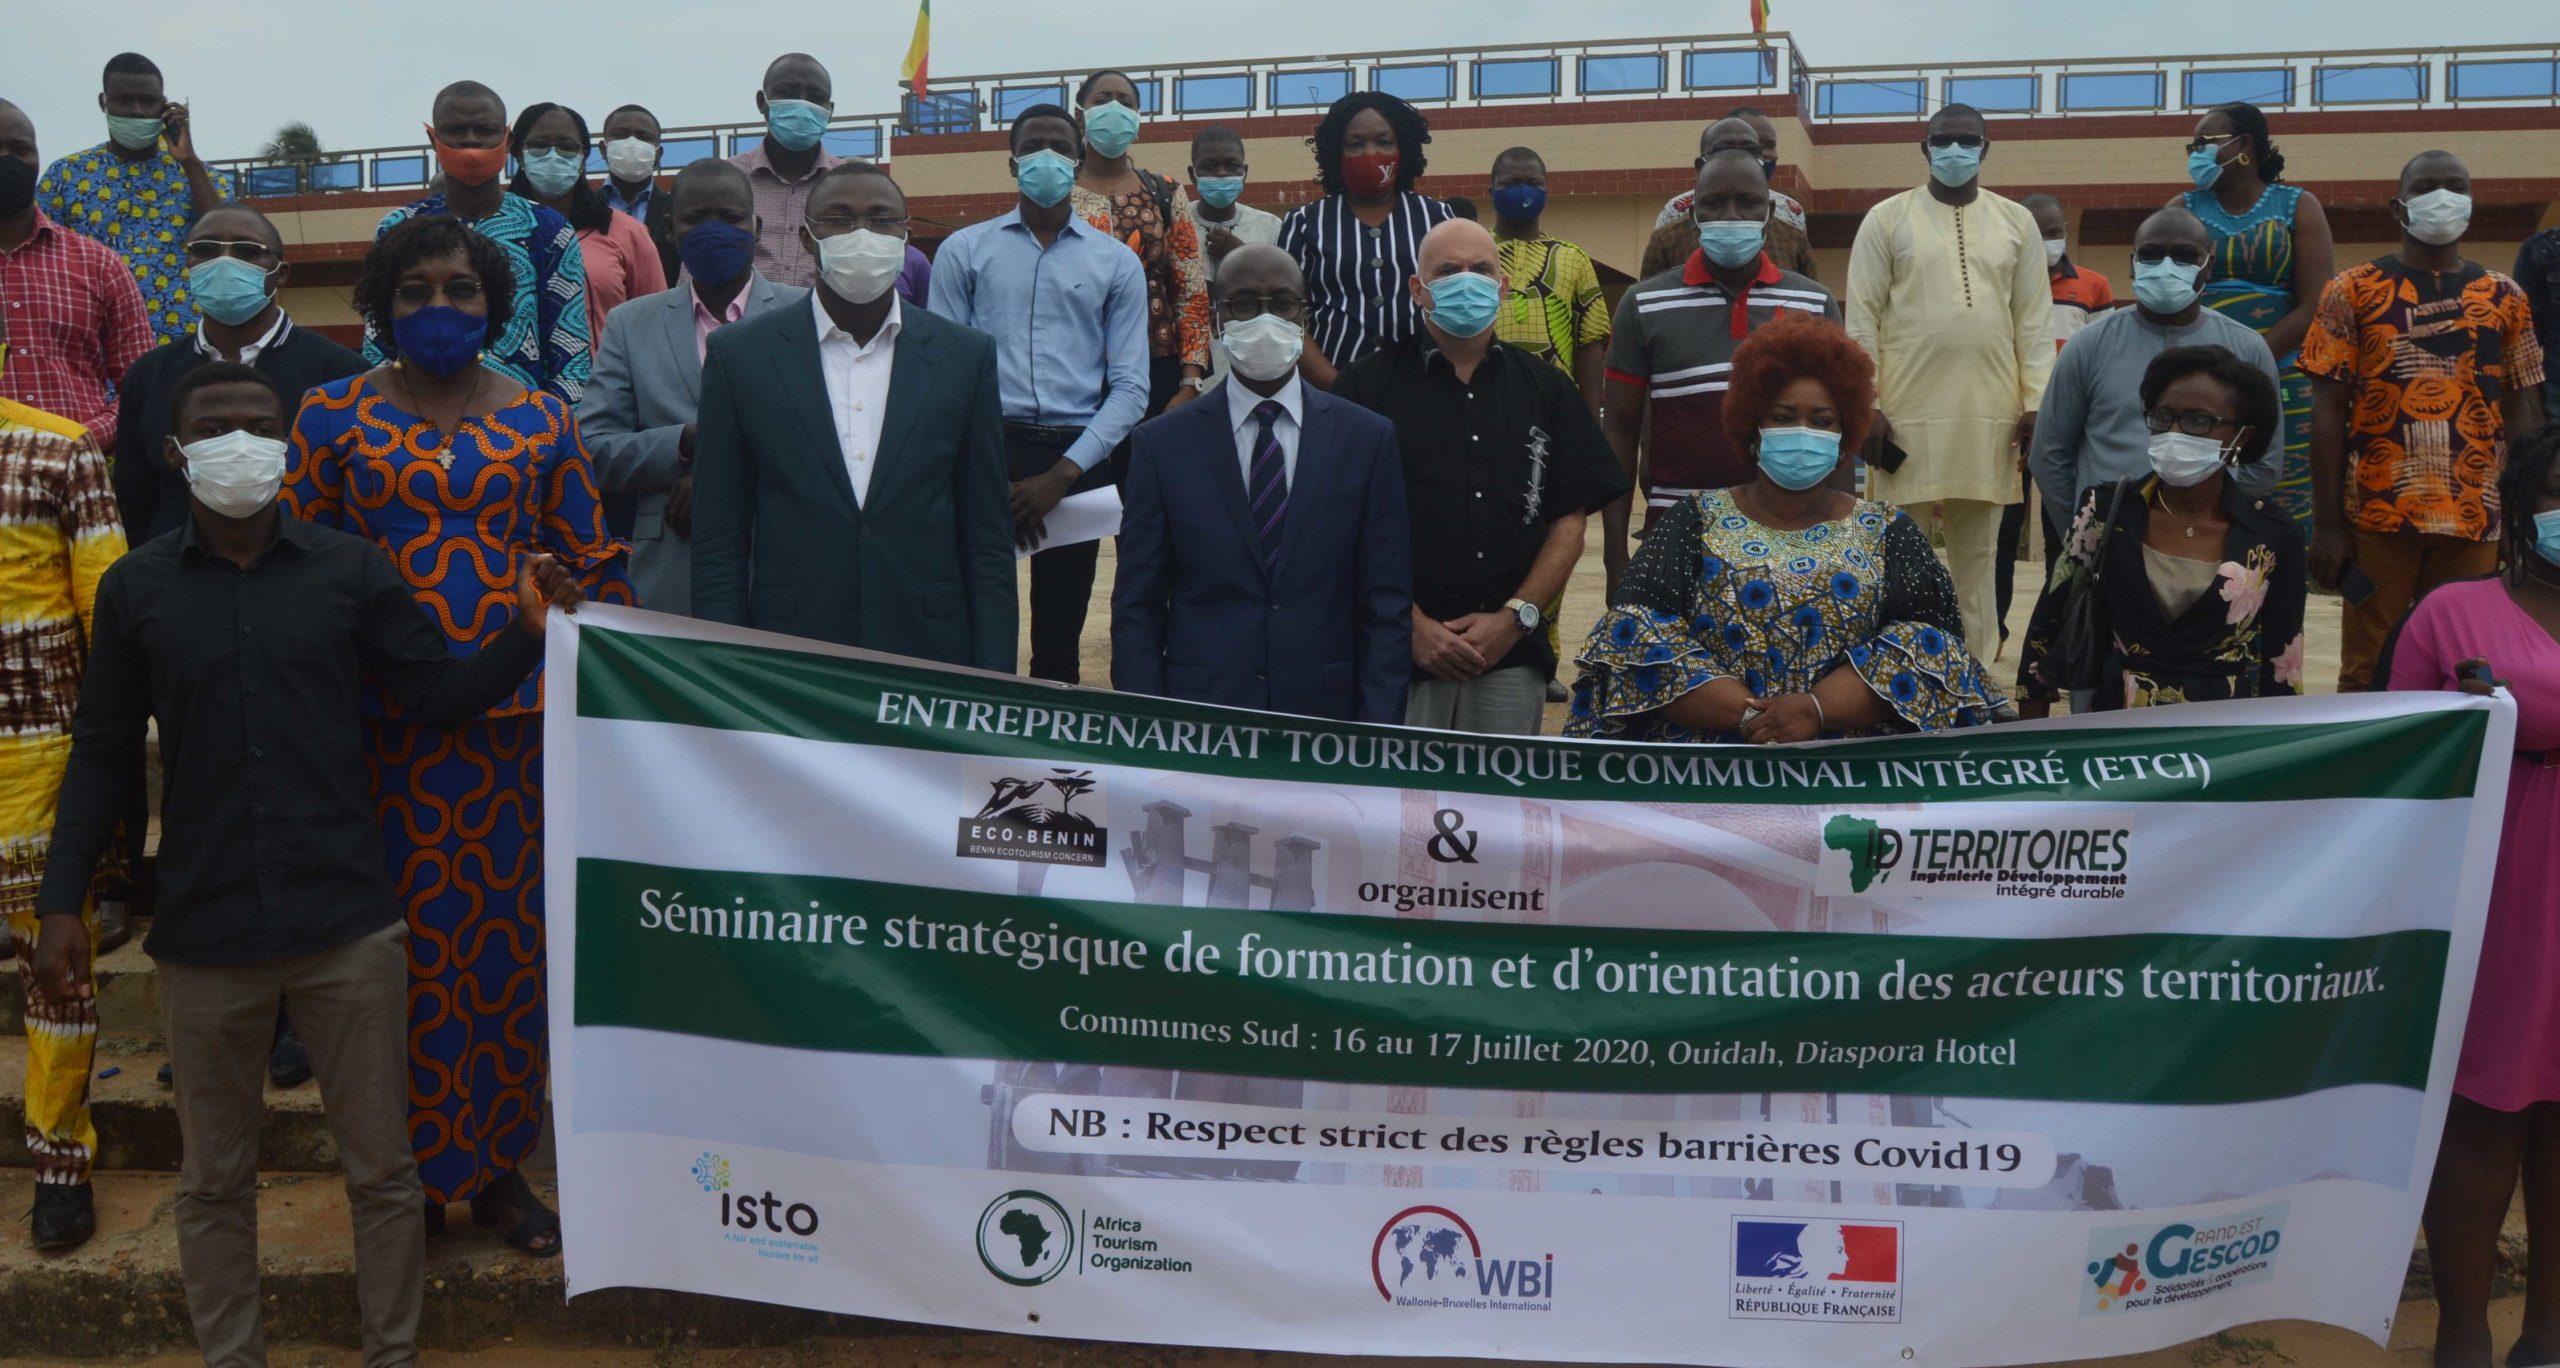 Entreprenariat touristique intégré: Ouidah accueille un séminaire de formation et d'orientation des acteurs territoriaux.